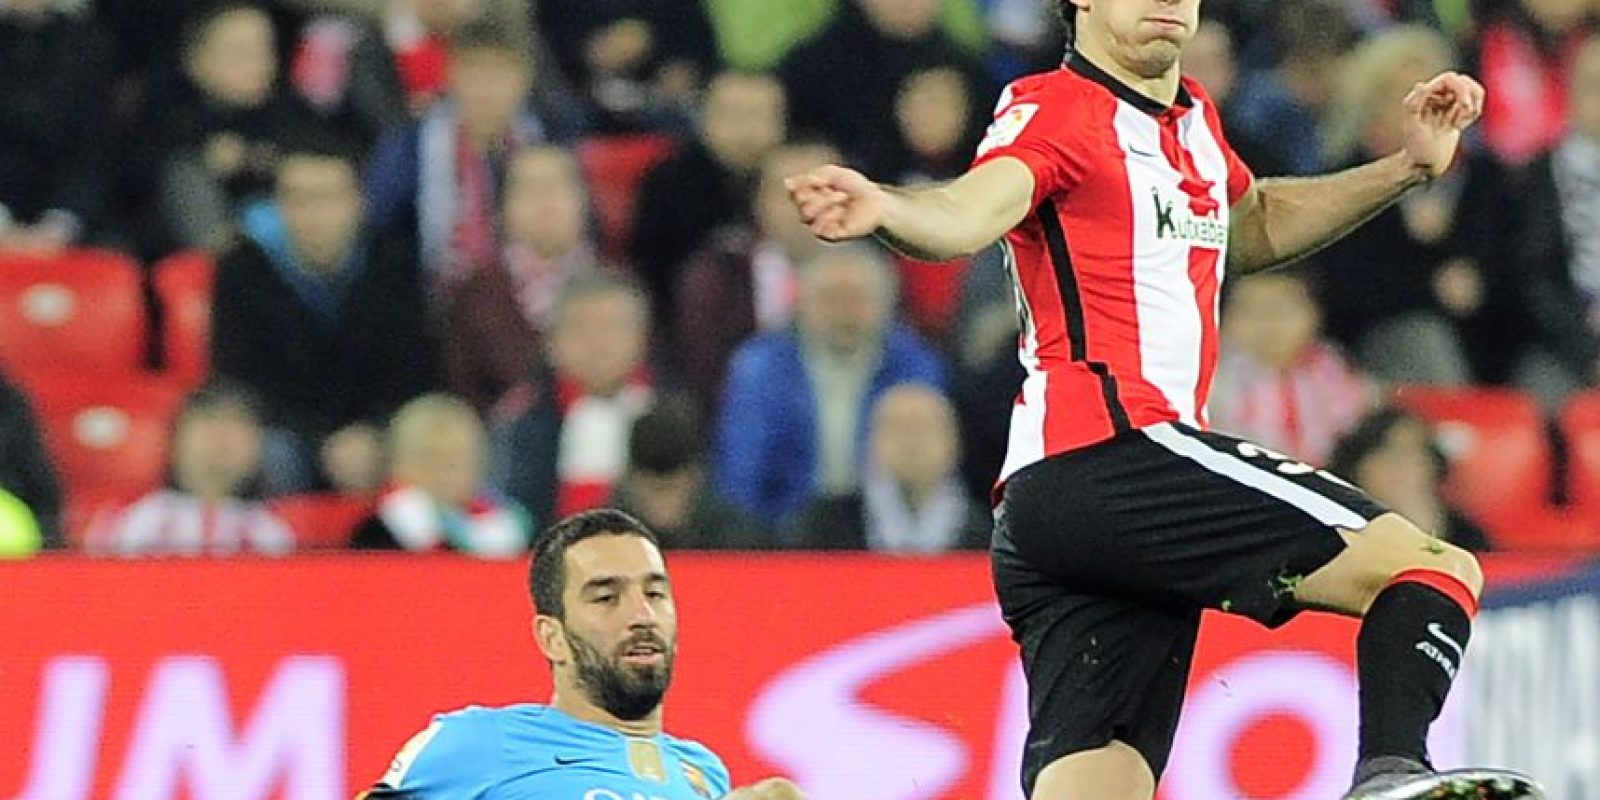 El jugador Aris Aduriz marcó el tanto del descuento para el Athletic de Bilbao. Foto:AFP